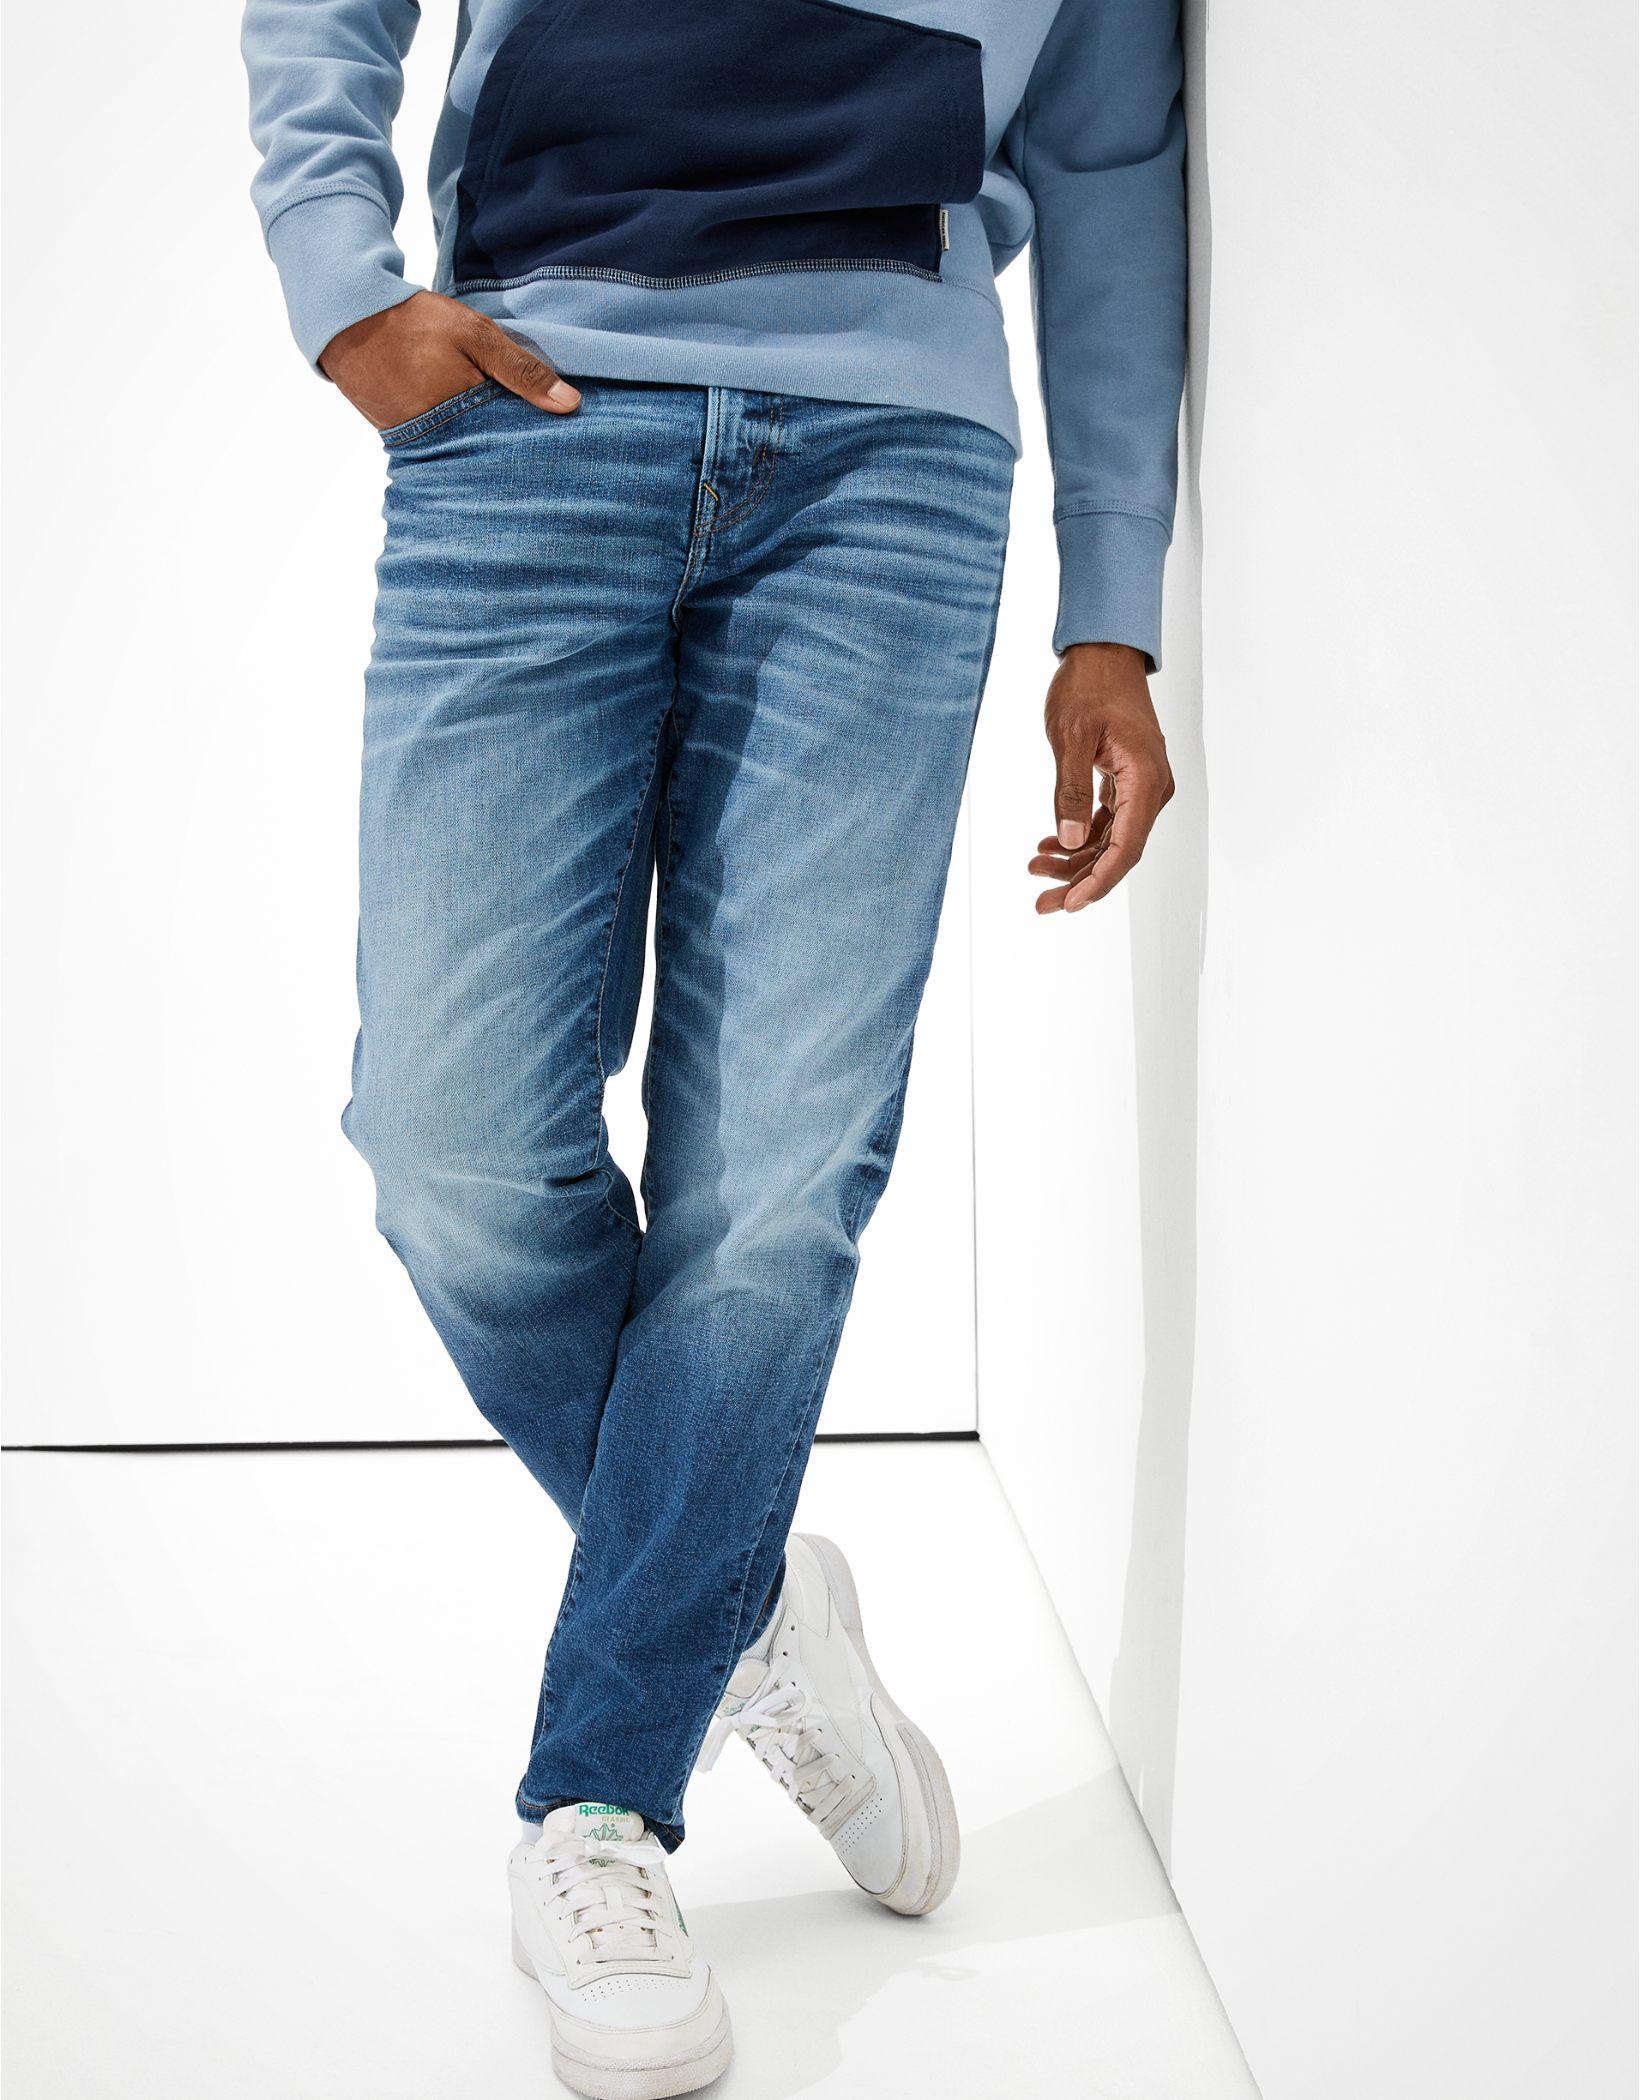 AE AirFlex+ Clean Tech Athletic Fit Jean